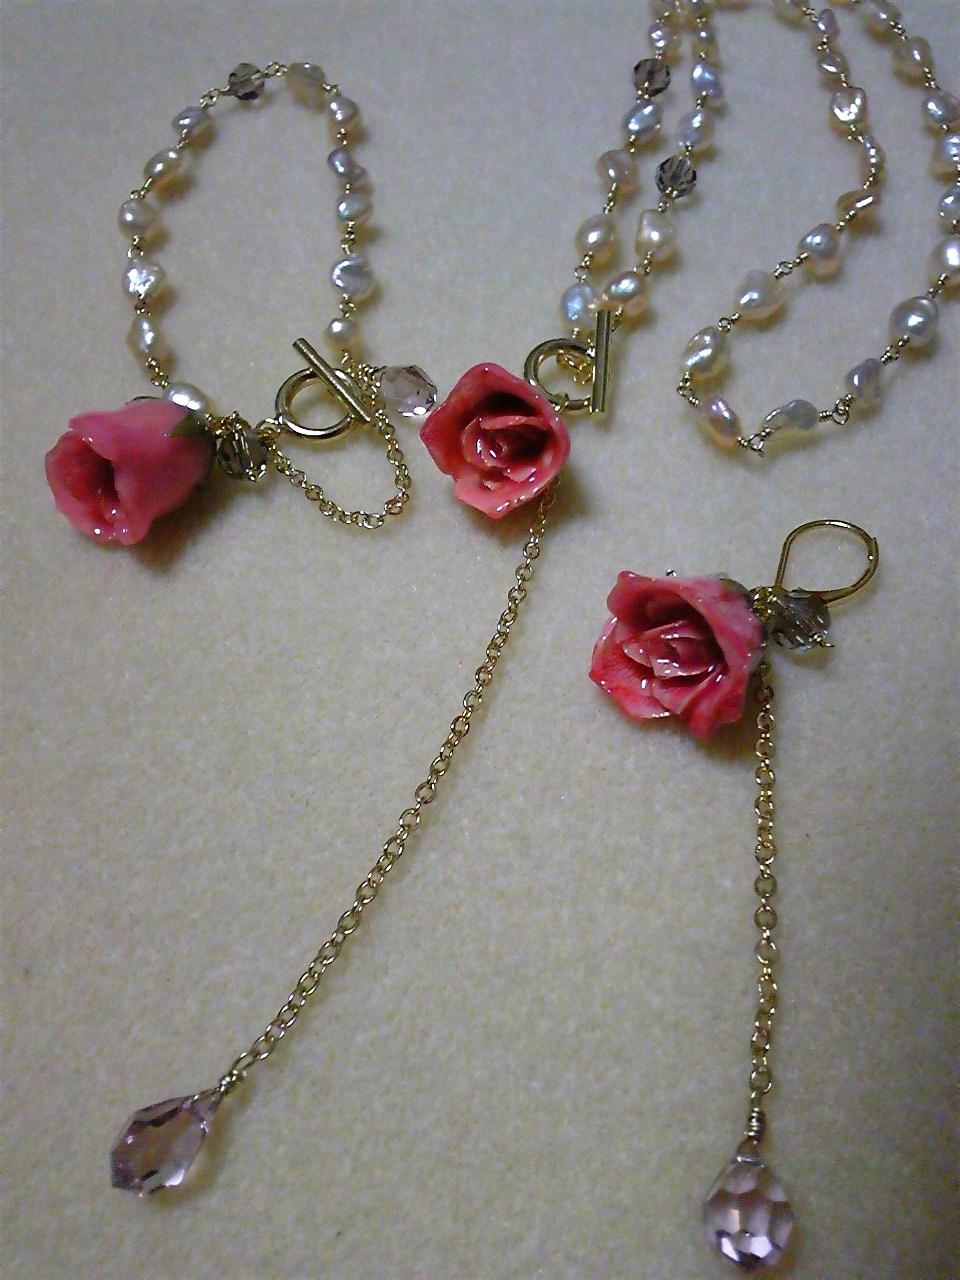 rose-acce-by-kumiyochan